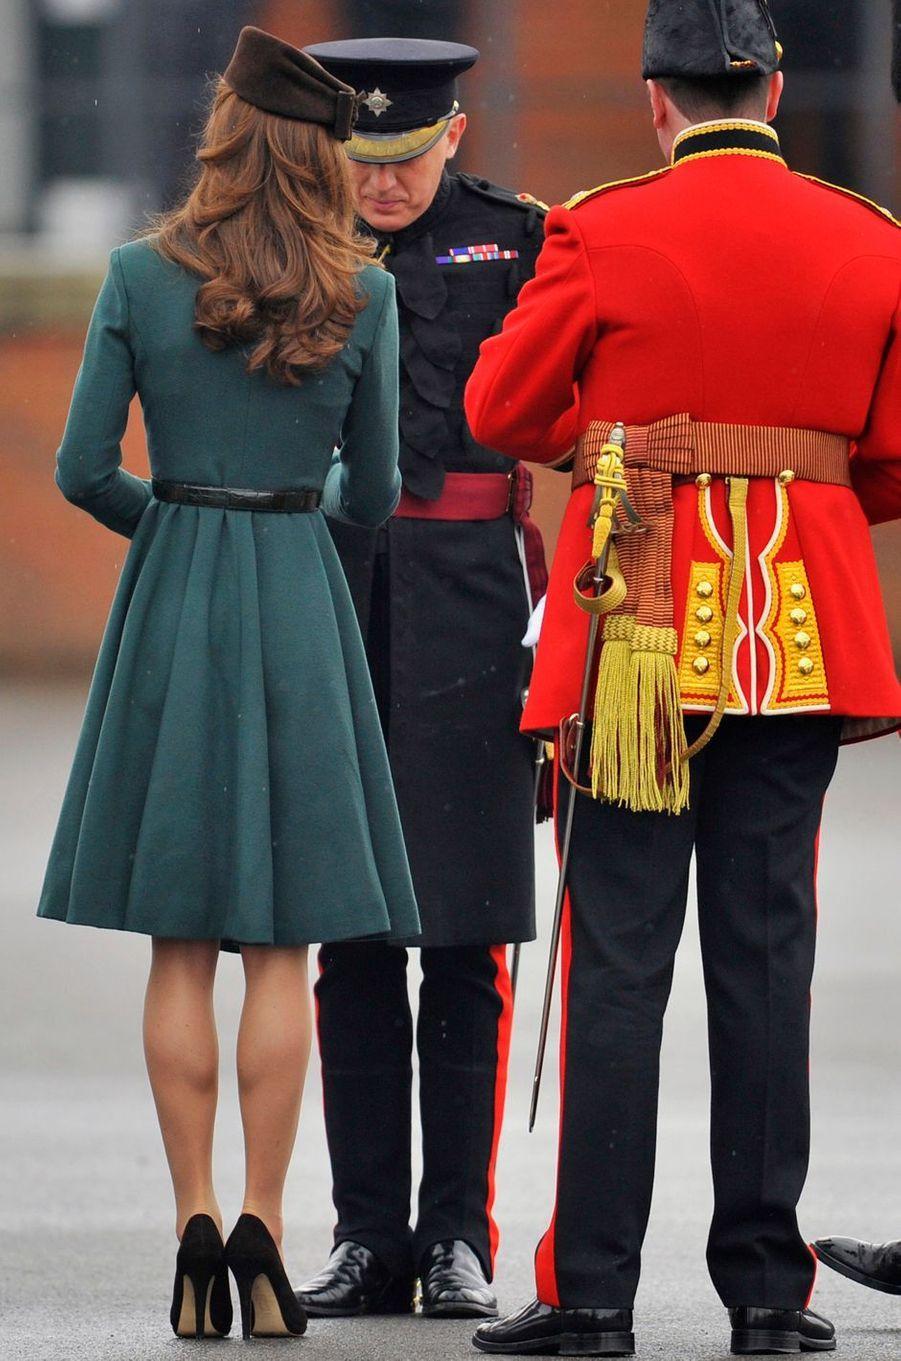 La duchesse de Cambridge, née Kate Middleton, pour la St Patrick à Aldershot, le 17 mars 2012